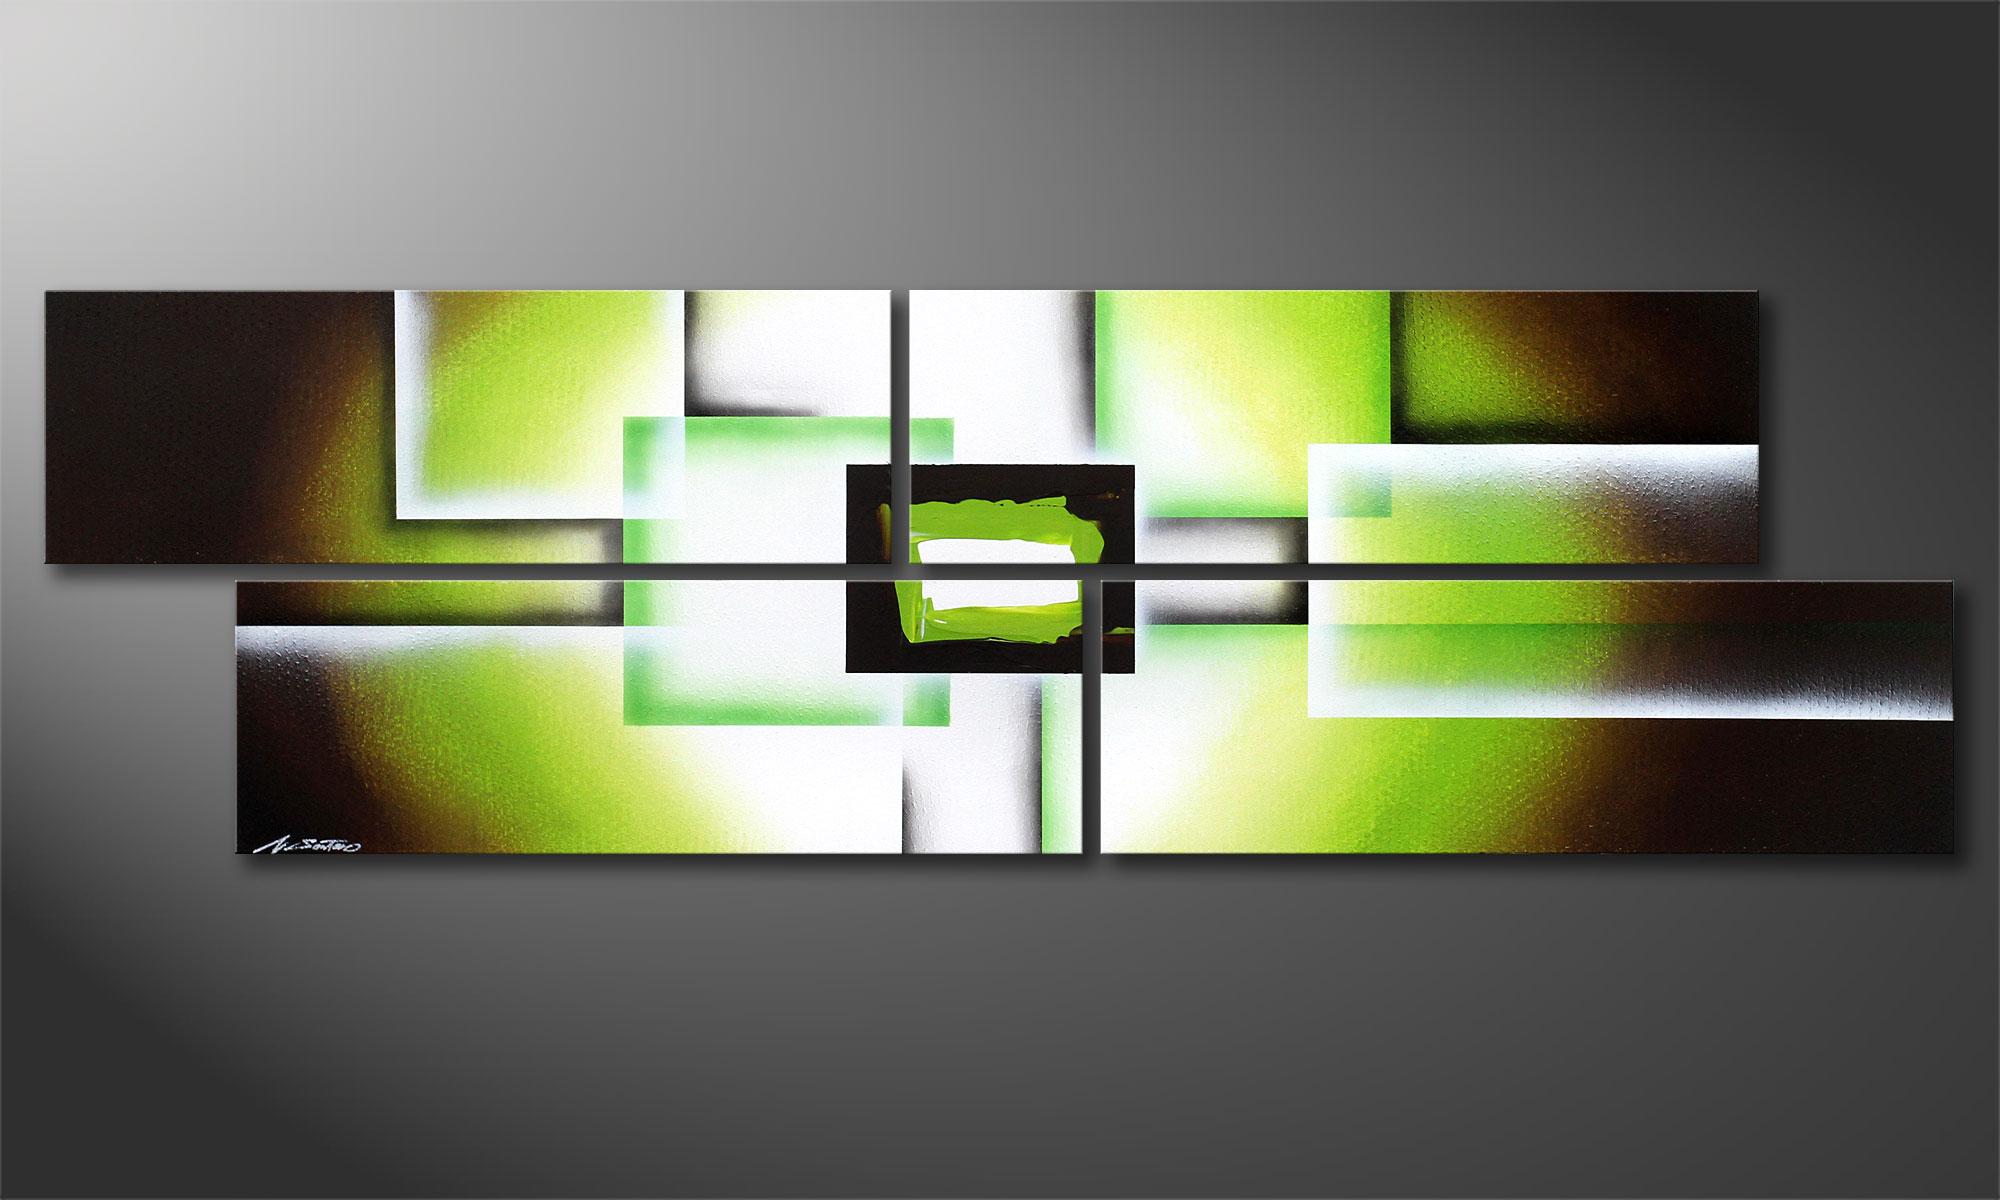 Stunning Wandbilder Wohnzimmer Grun Gallery - Home Design Ideas ... Wandbilder Wohnzimmer Grun